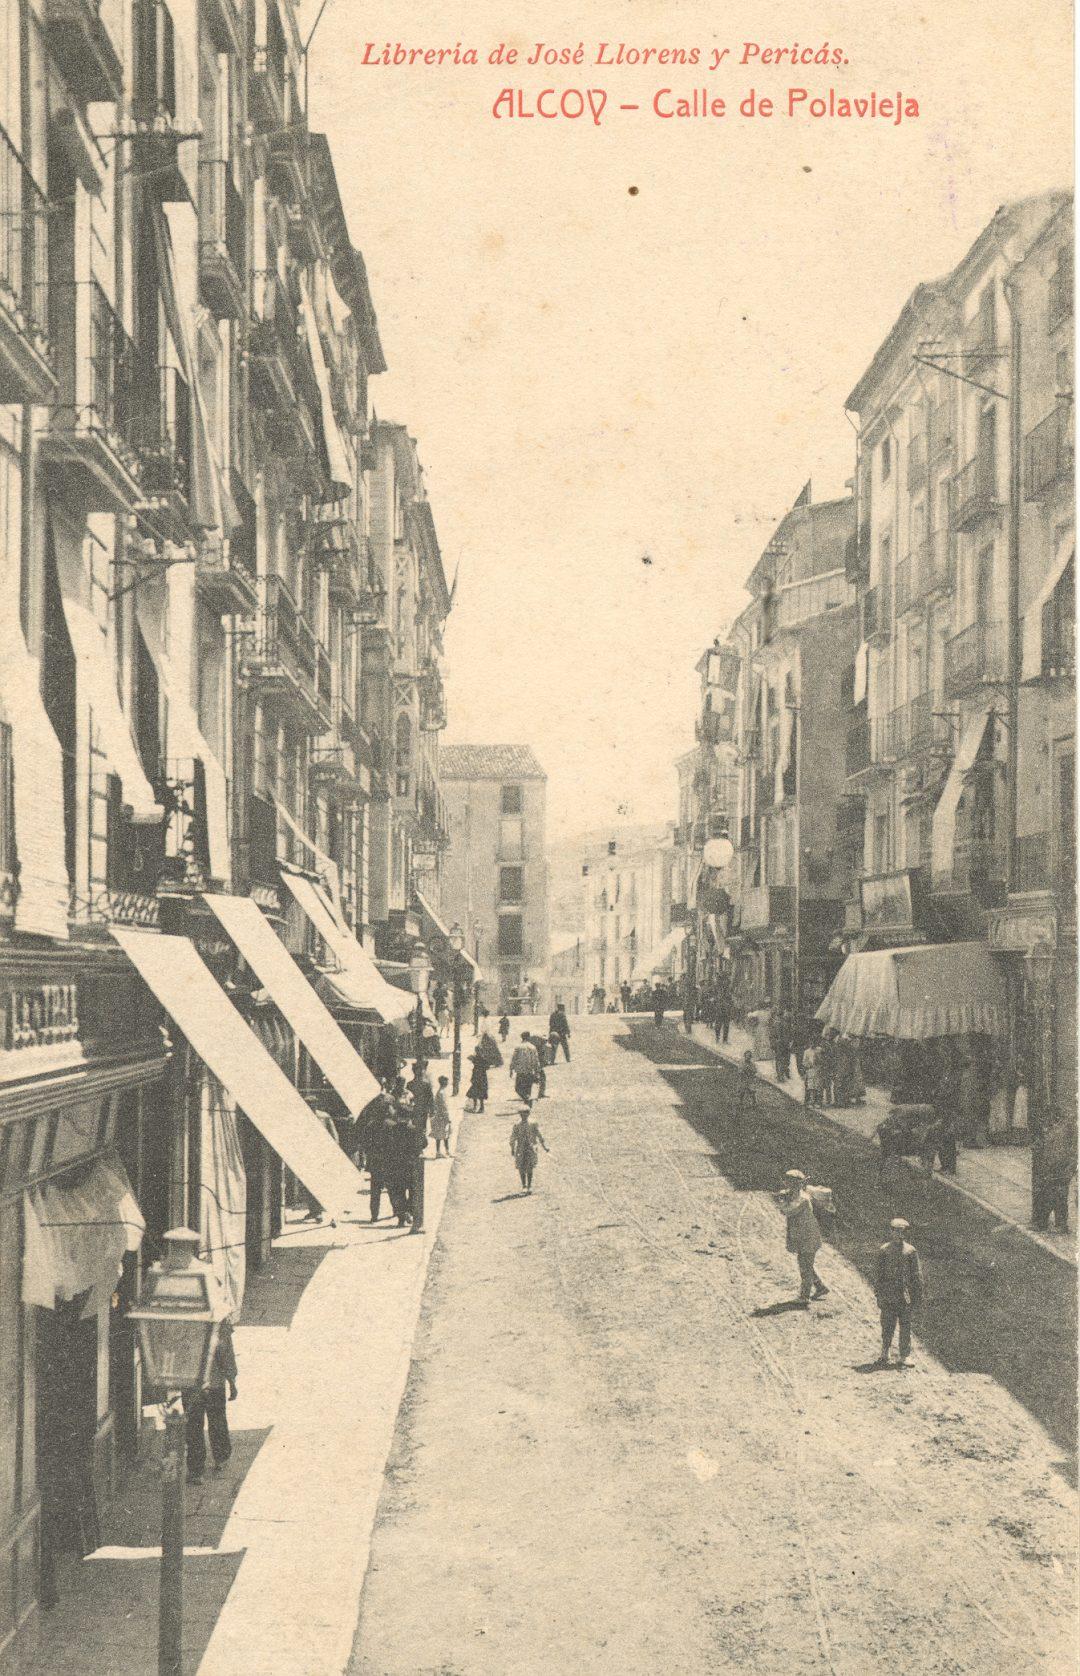 Excursión: Del llibre al plànol: Els antics carrers d'Alcoi